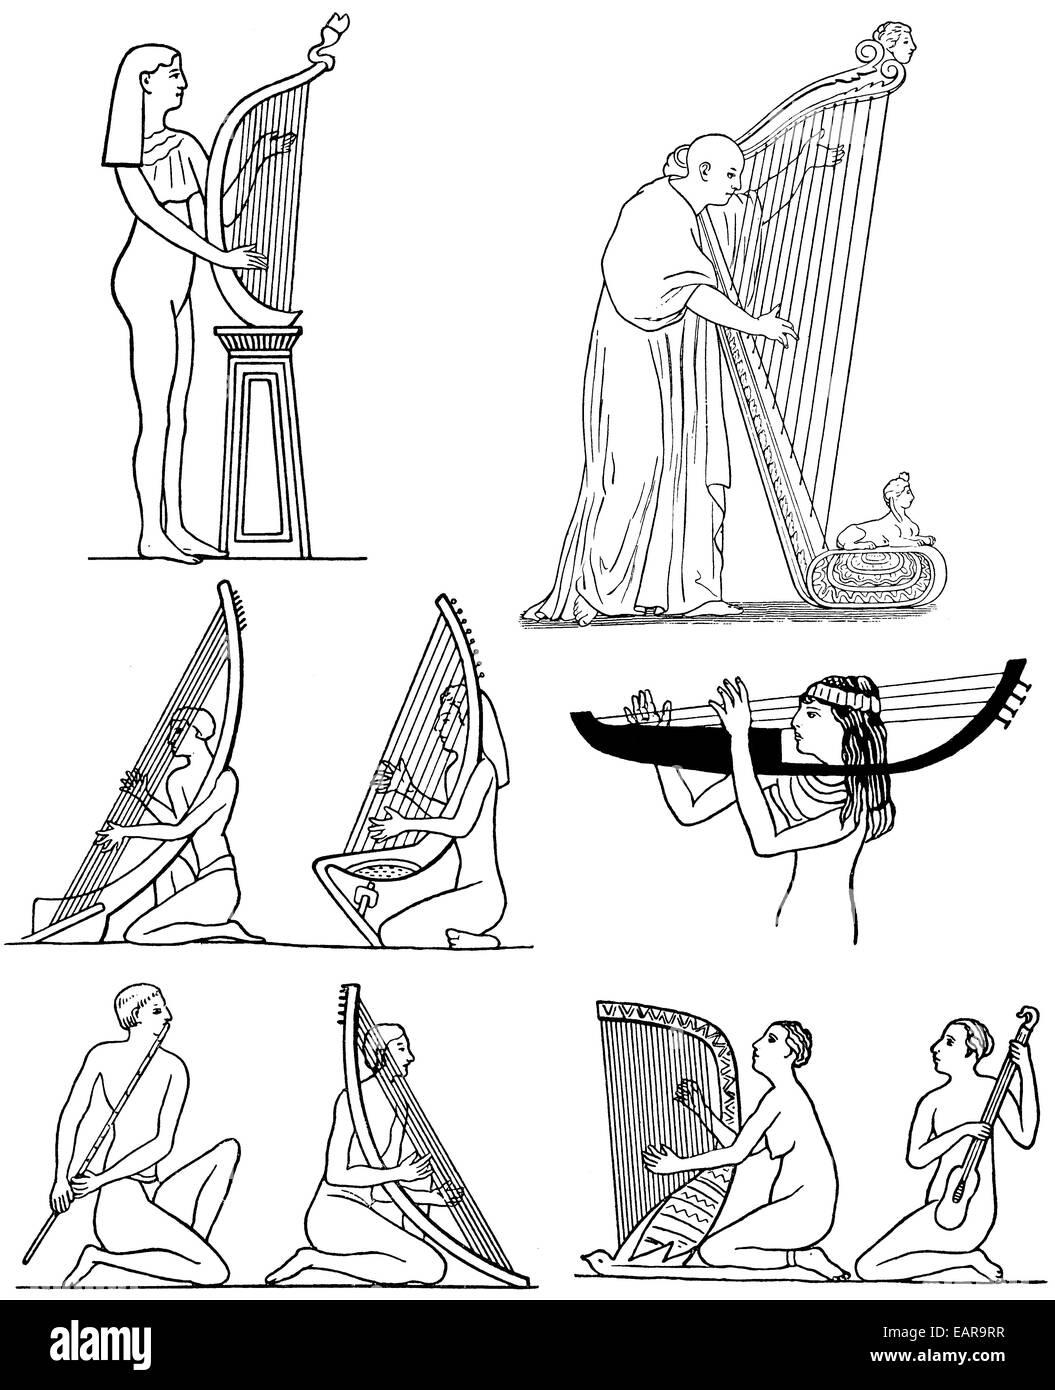 Musicians of antiquity, ancient Greek harps and flutes, Musiker in der Antike, Altgriechische Harfen und Flöten - Stock Image